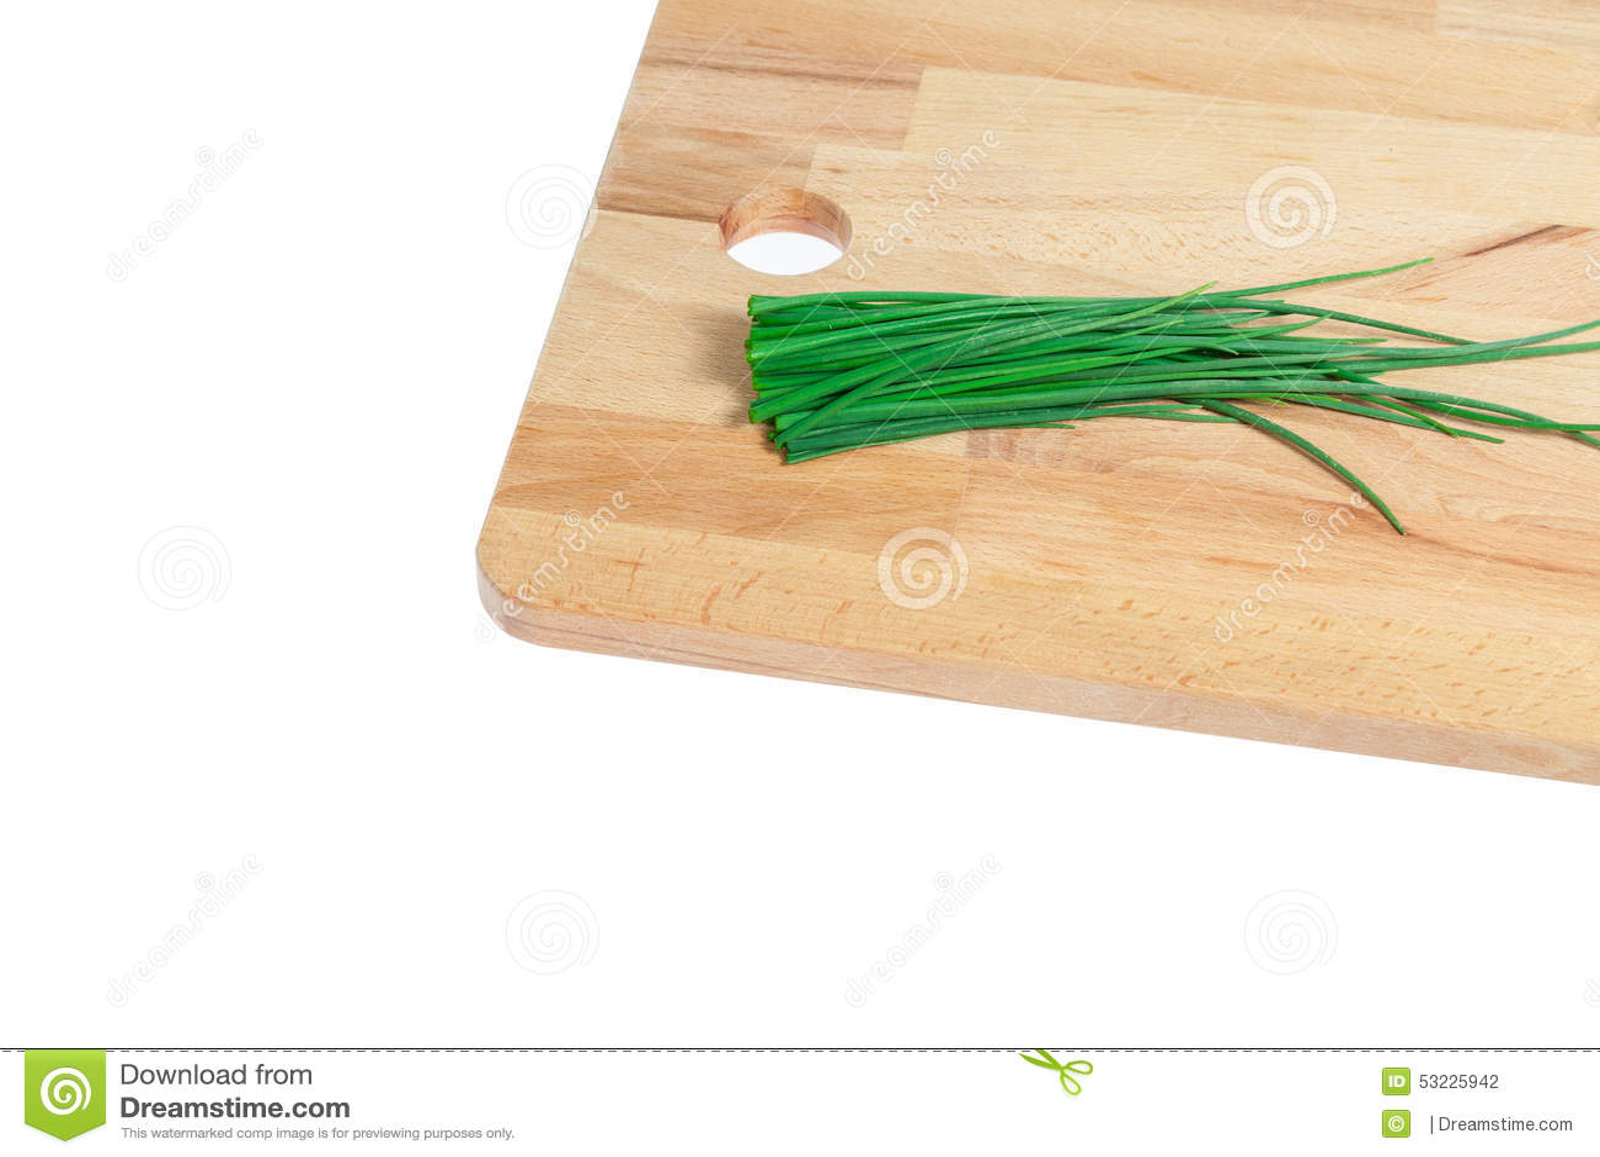 Cebolletas verdes en la tajadera de madera